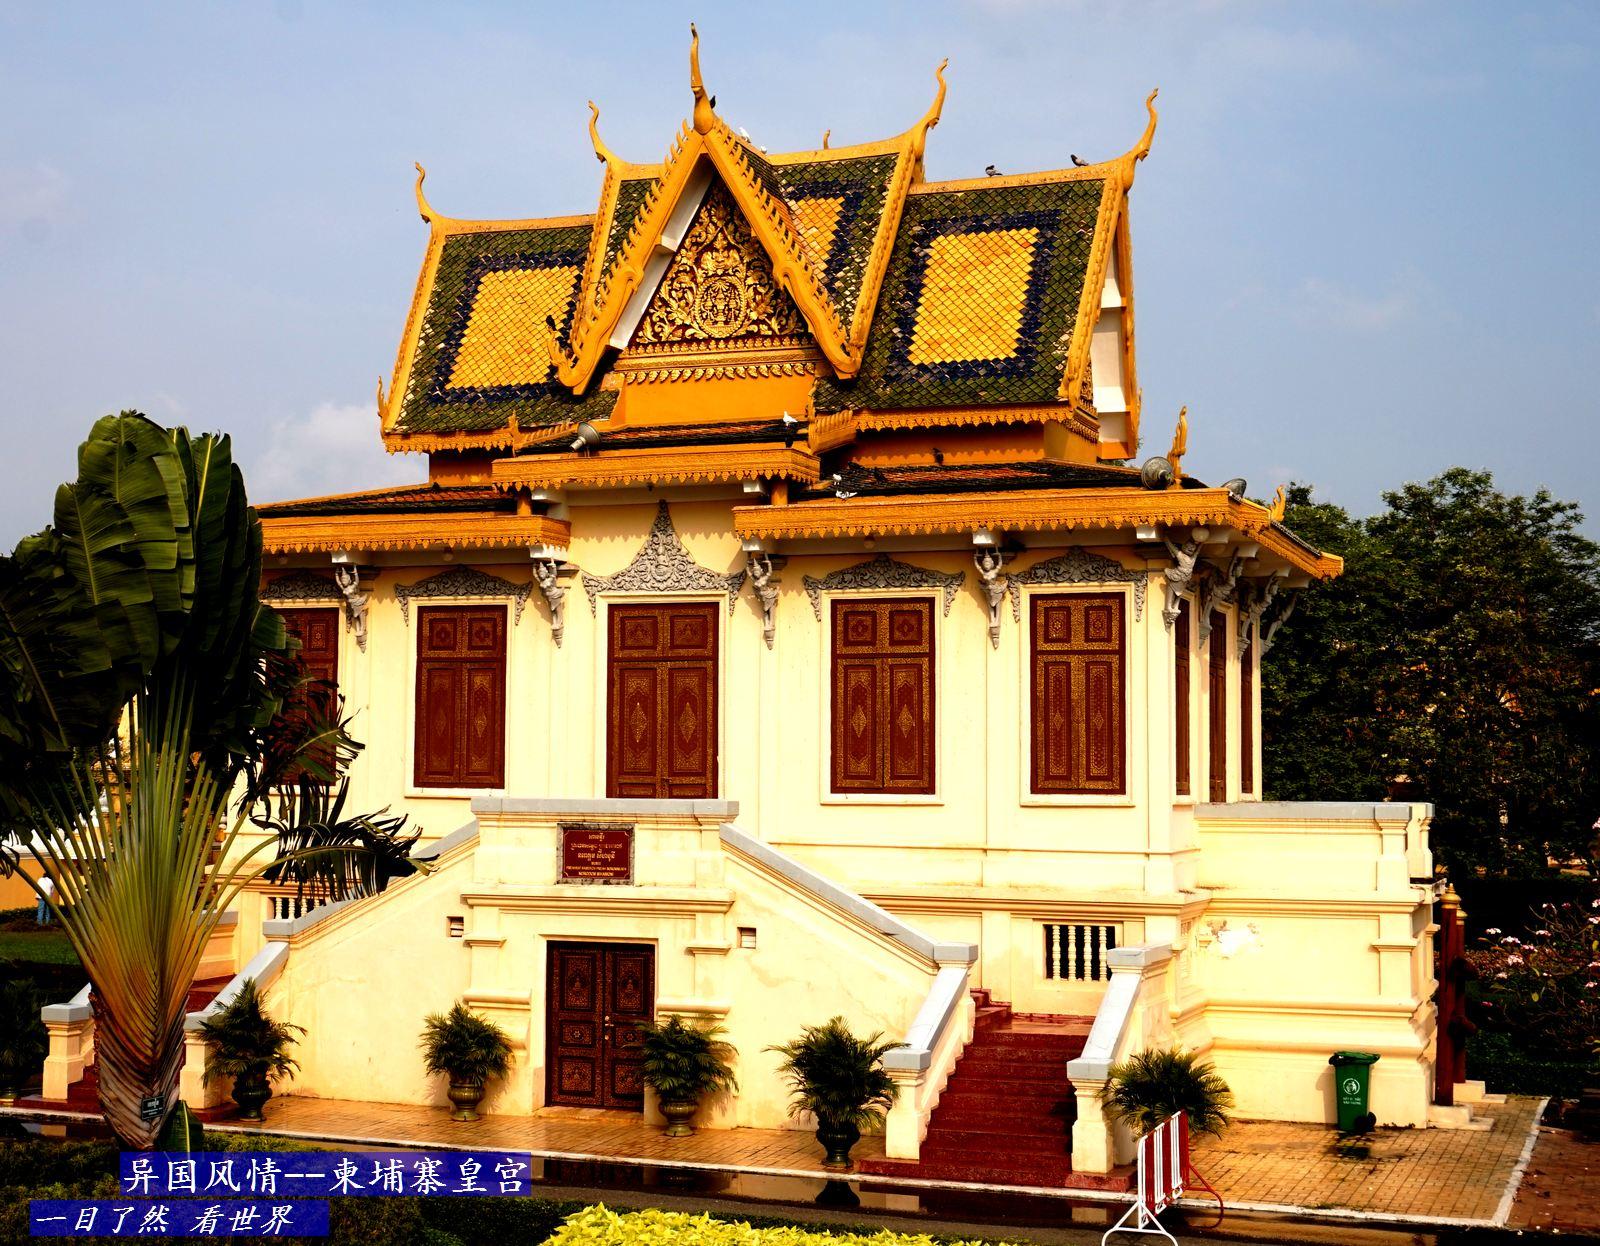 柬埔寨皇宫-39-1600.jpg